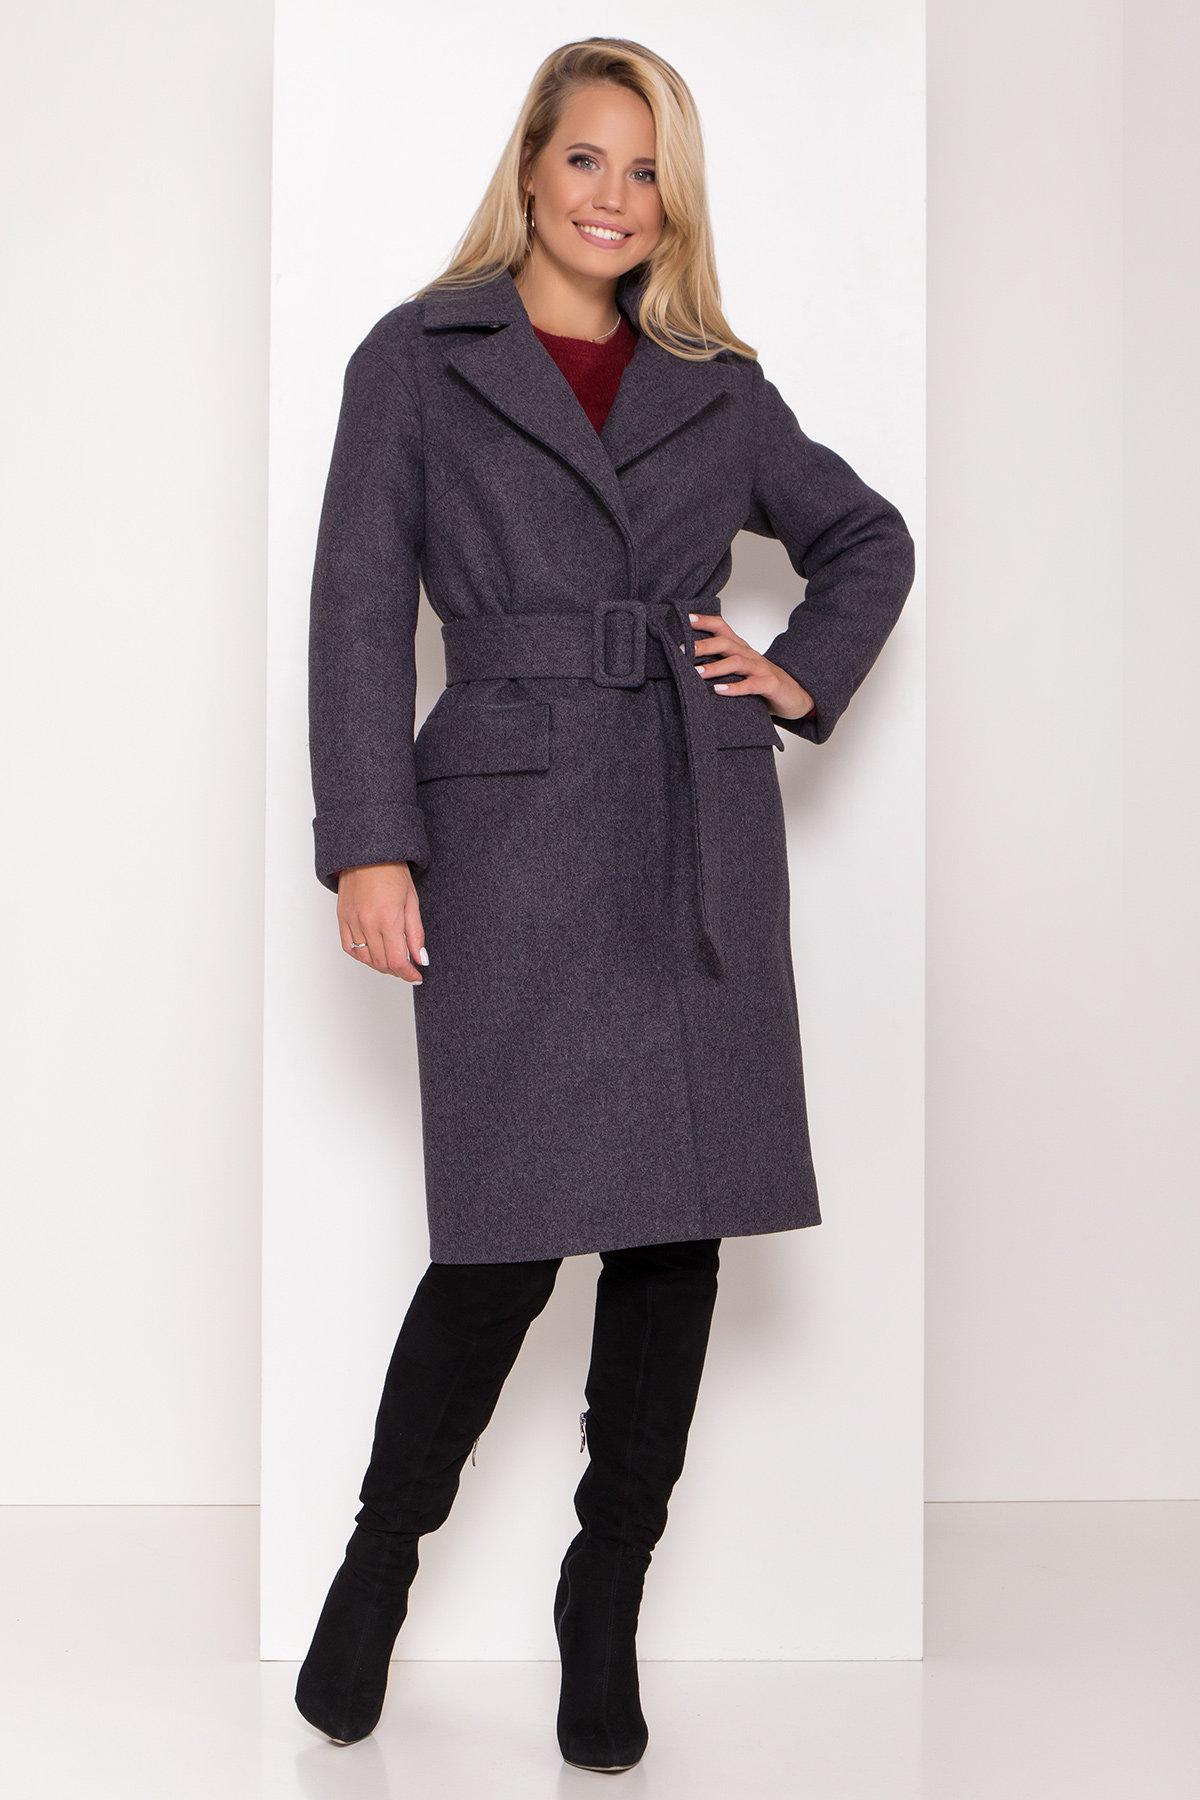 Зимнее пальто с отложным воротником Моле 8085 АРТ. 44036 Цвет: Т.синий 543 - фото 7, интернет магазин tm-modus.ru